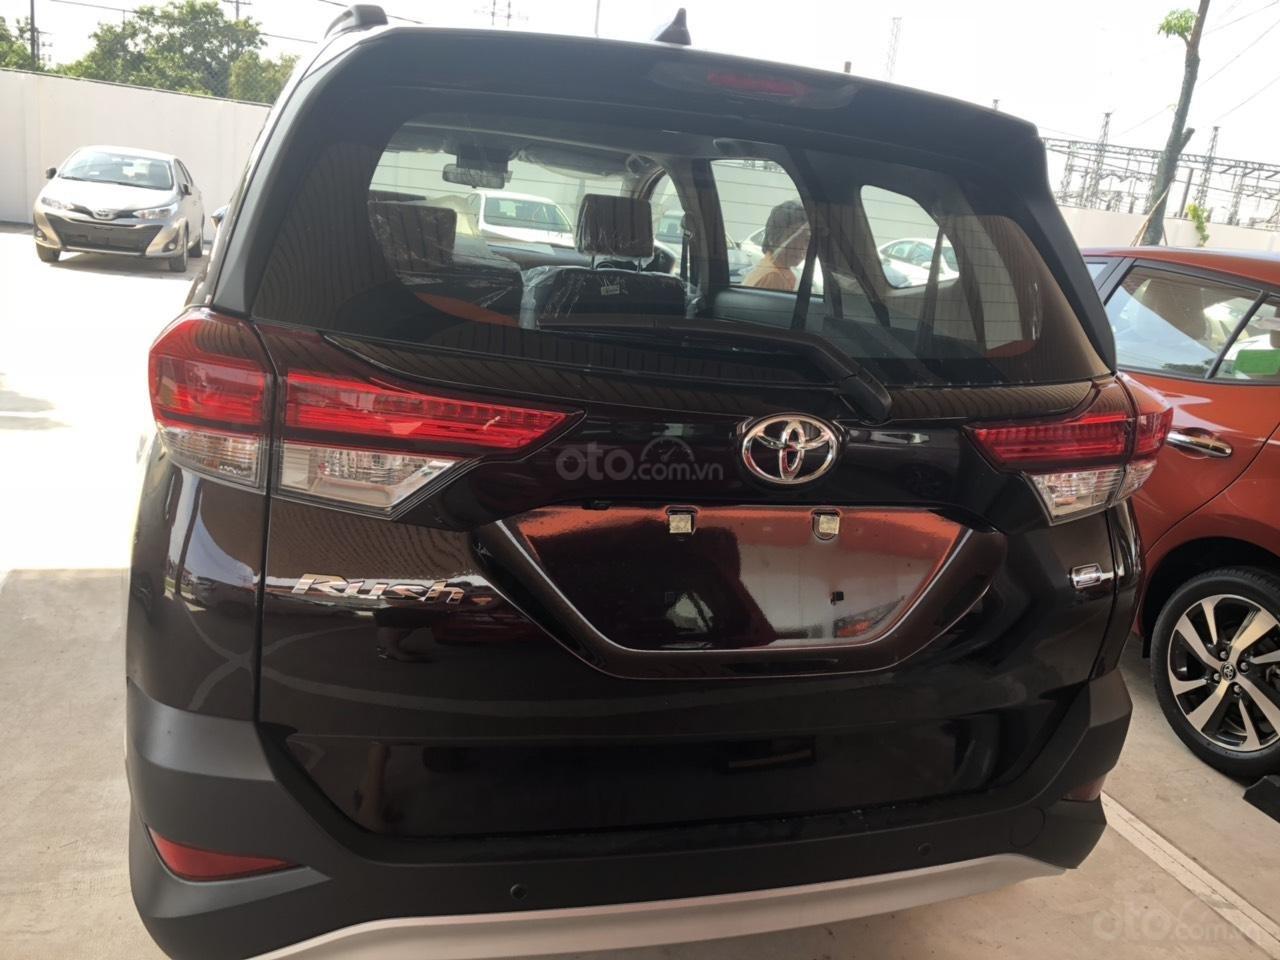 Bán Toyota Rush 1.5S AT năm 2019, màu đỏ, xe nhập, thanh toán 250tr nhận xe (3)